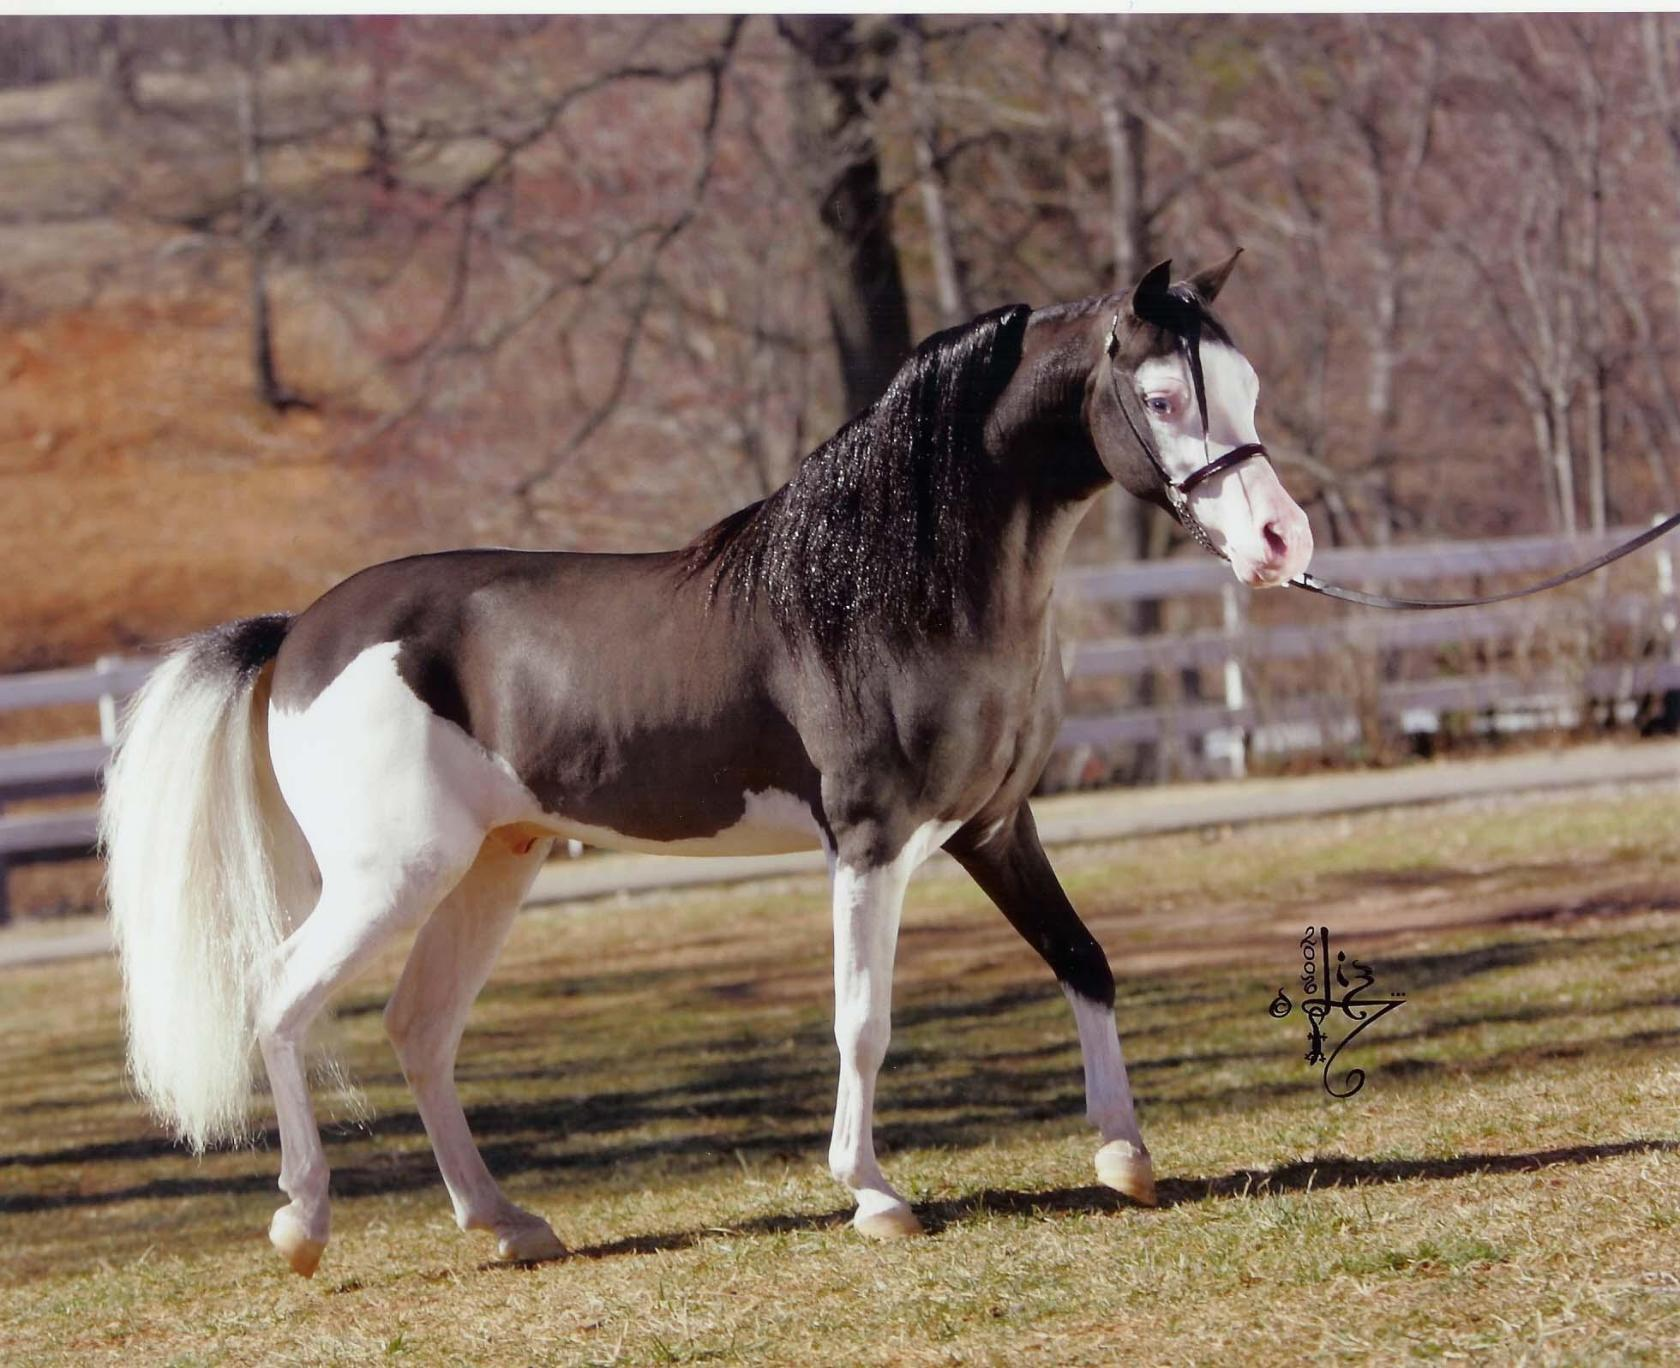 Дикая лошадь — история происхождения диких видов лошади и отличительные черты, узнайте все в обзоре с фото и видео!